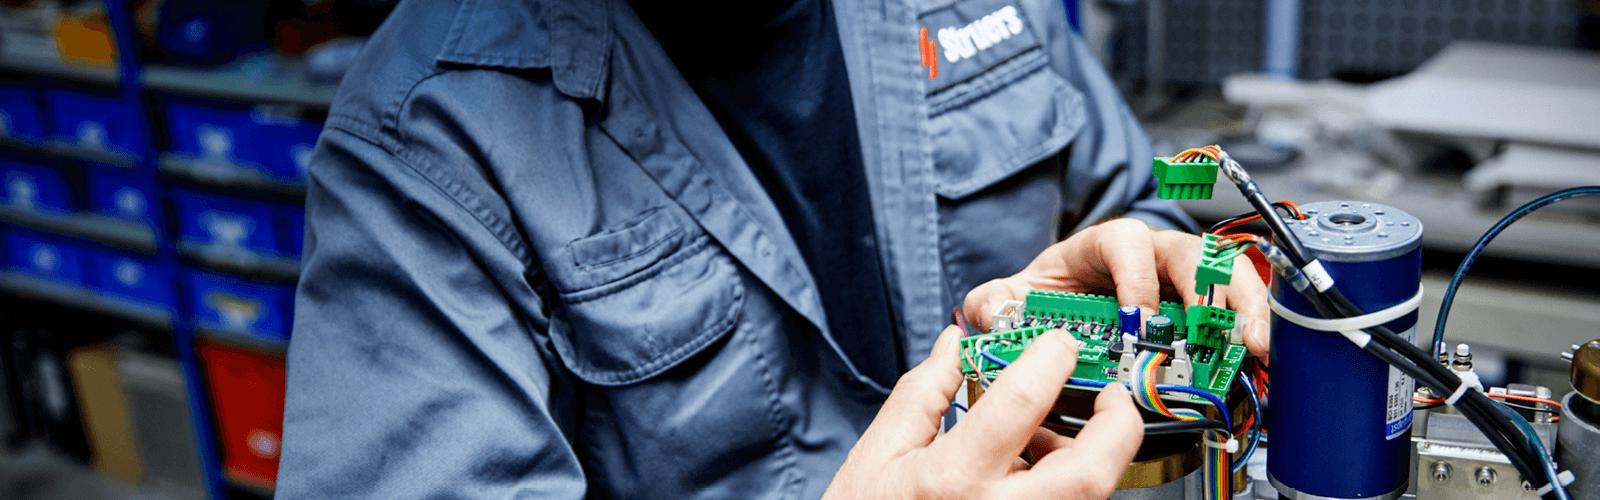 Serviceprodukte Instandsetzung und Überholung